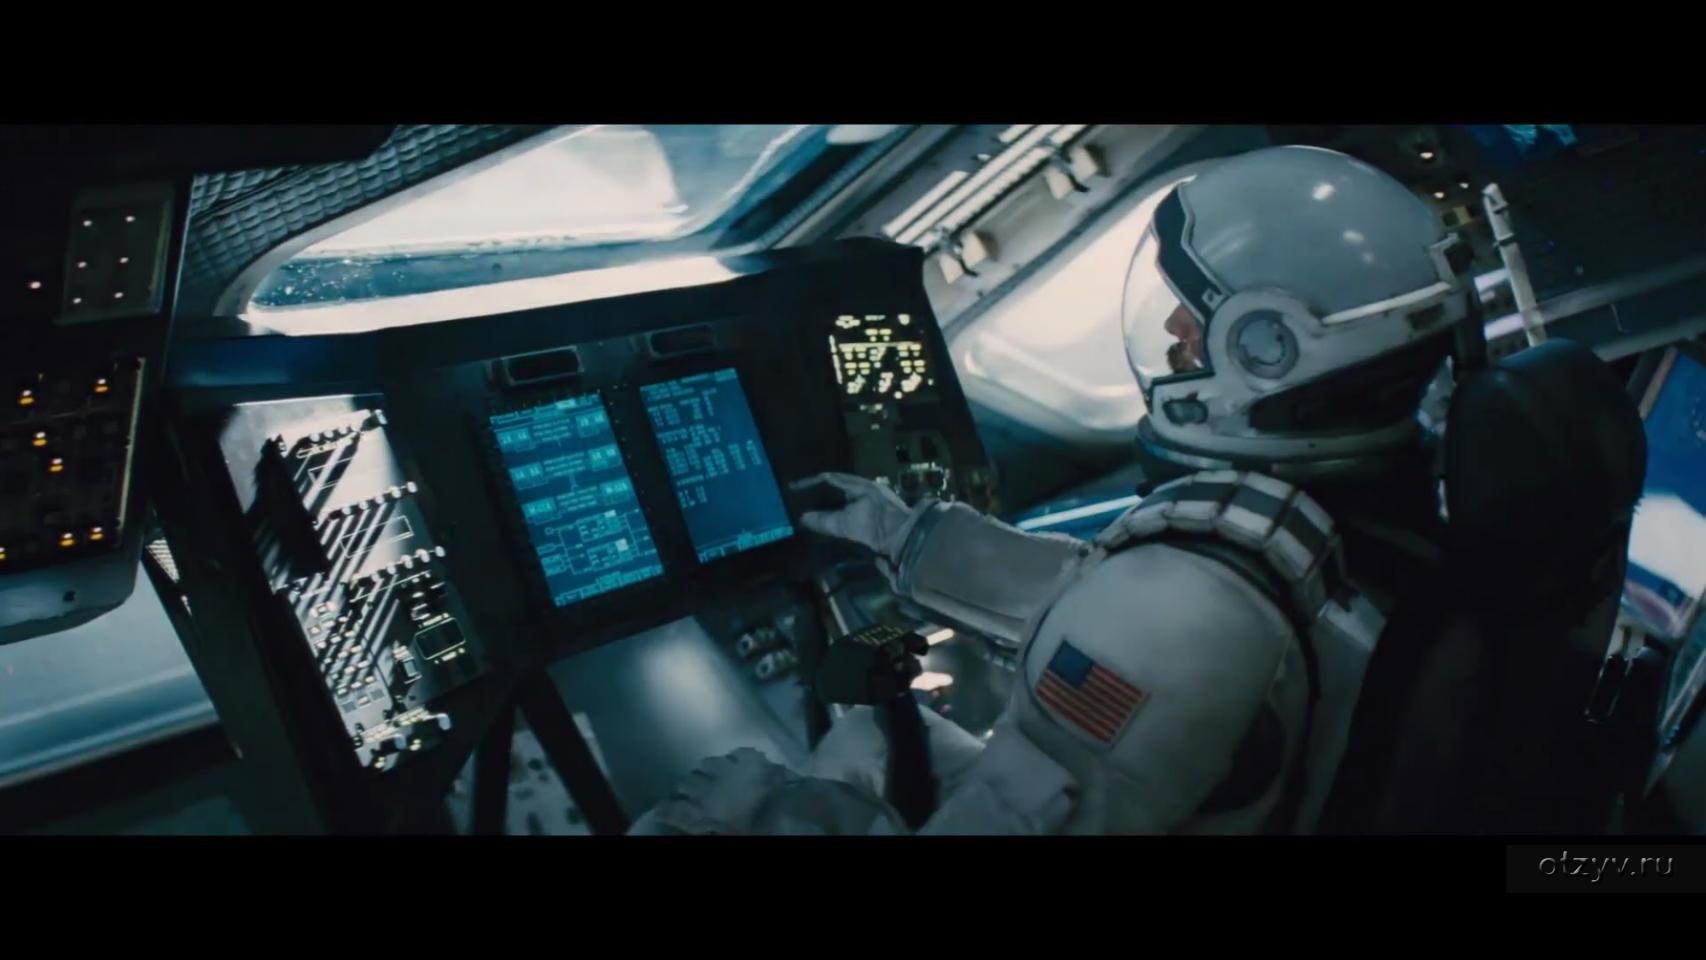 Компьютерные интерфейсы в кино — эволюция воображения - 45